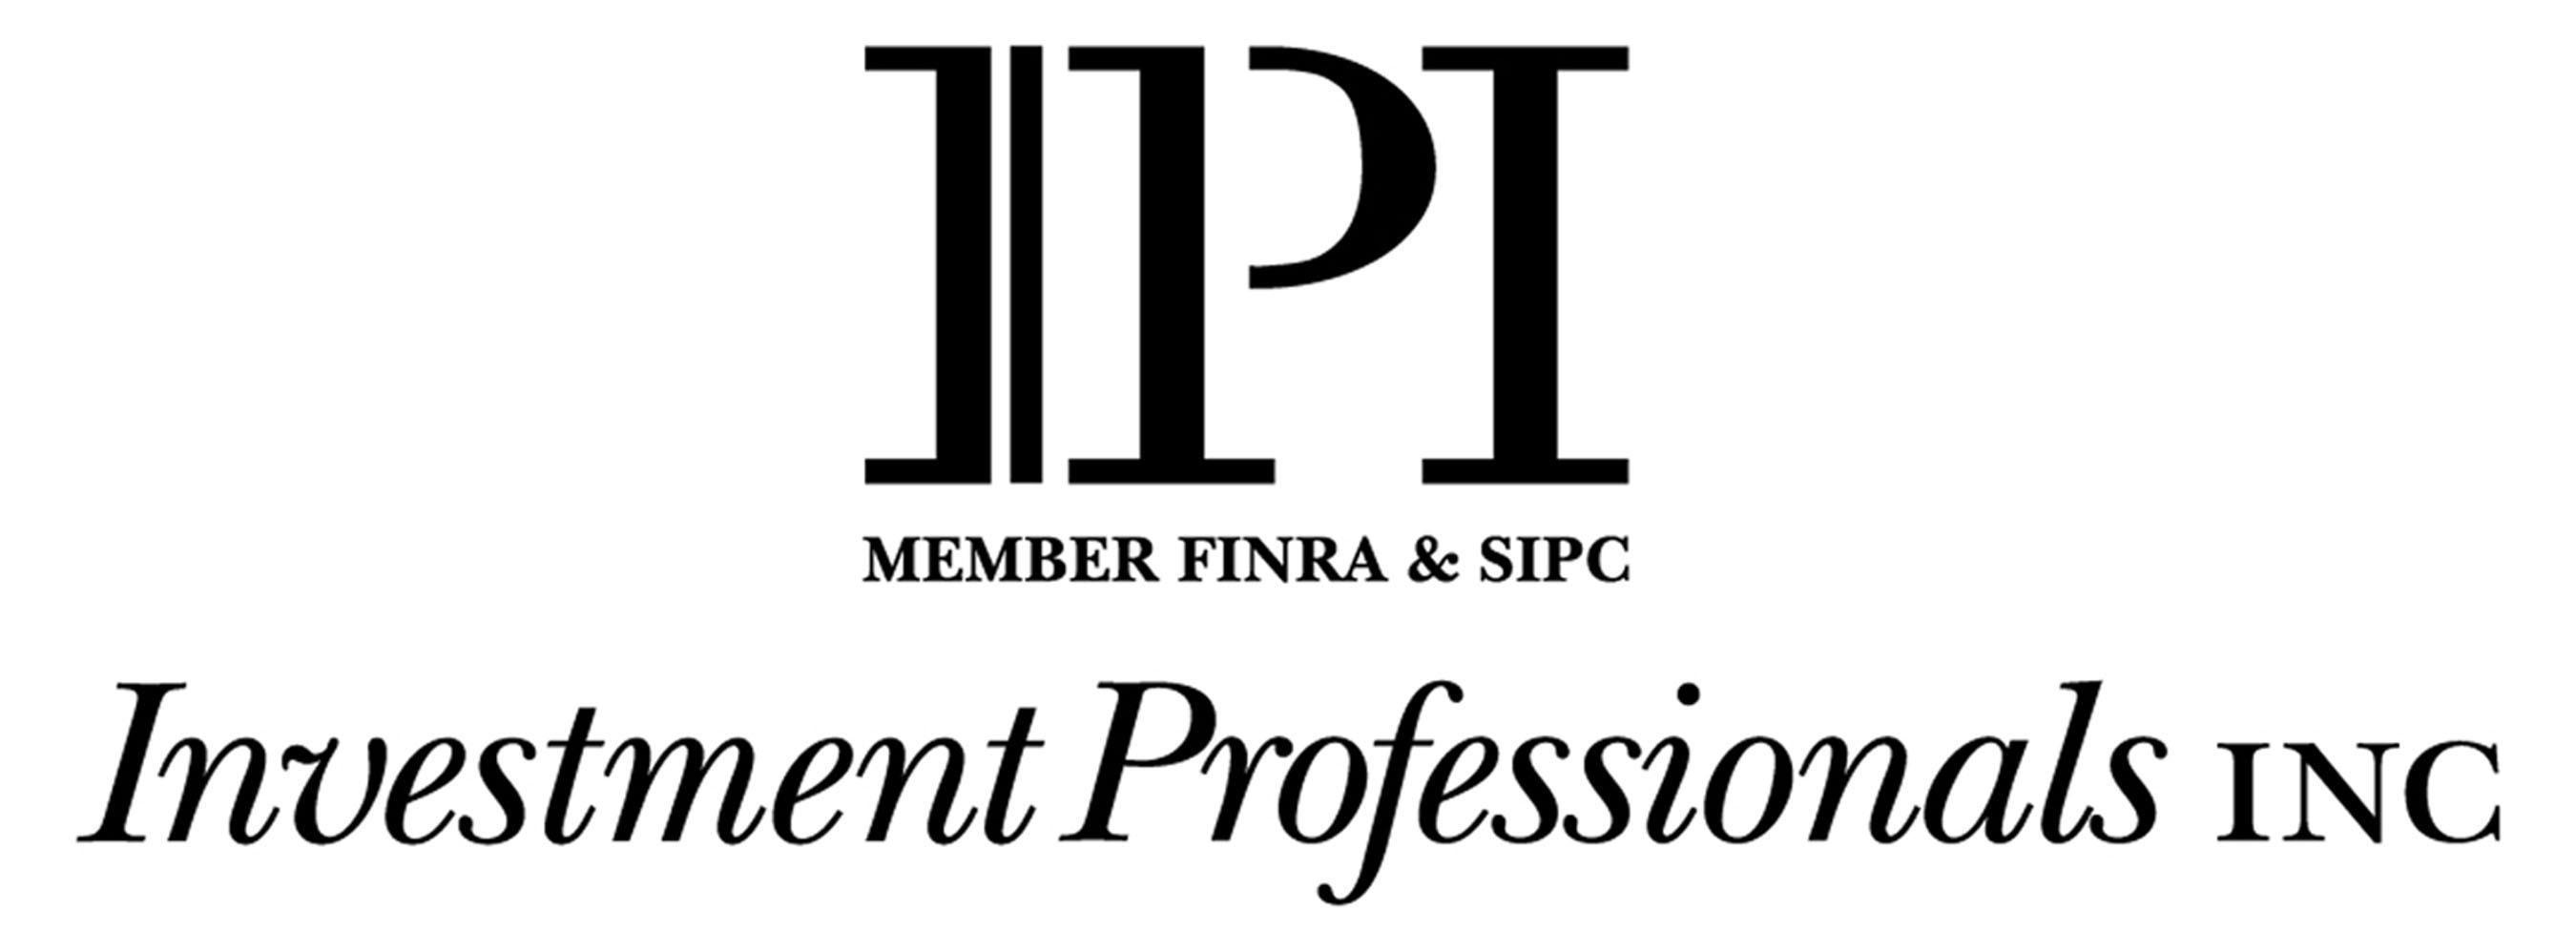 Investment Professionals, Inc. Adds PBI Bank to Broker-Dealer Platform